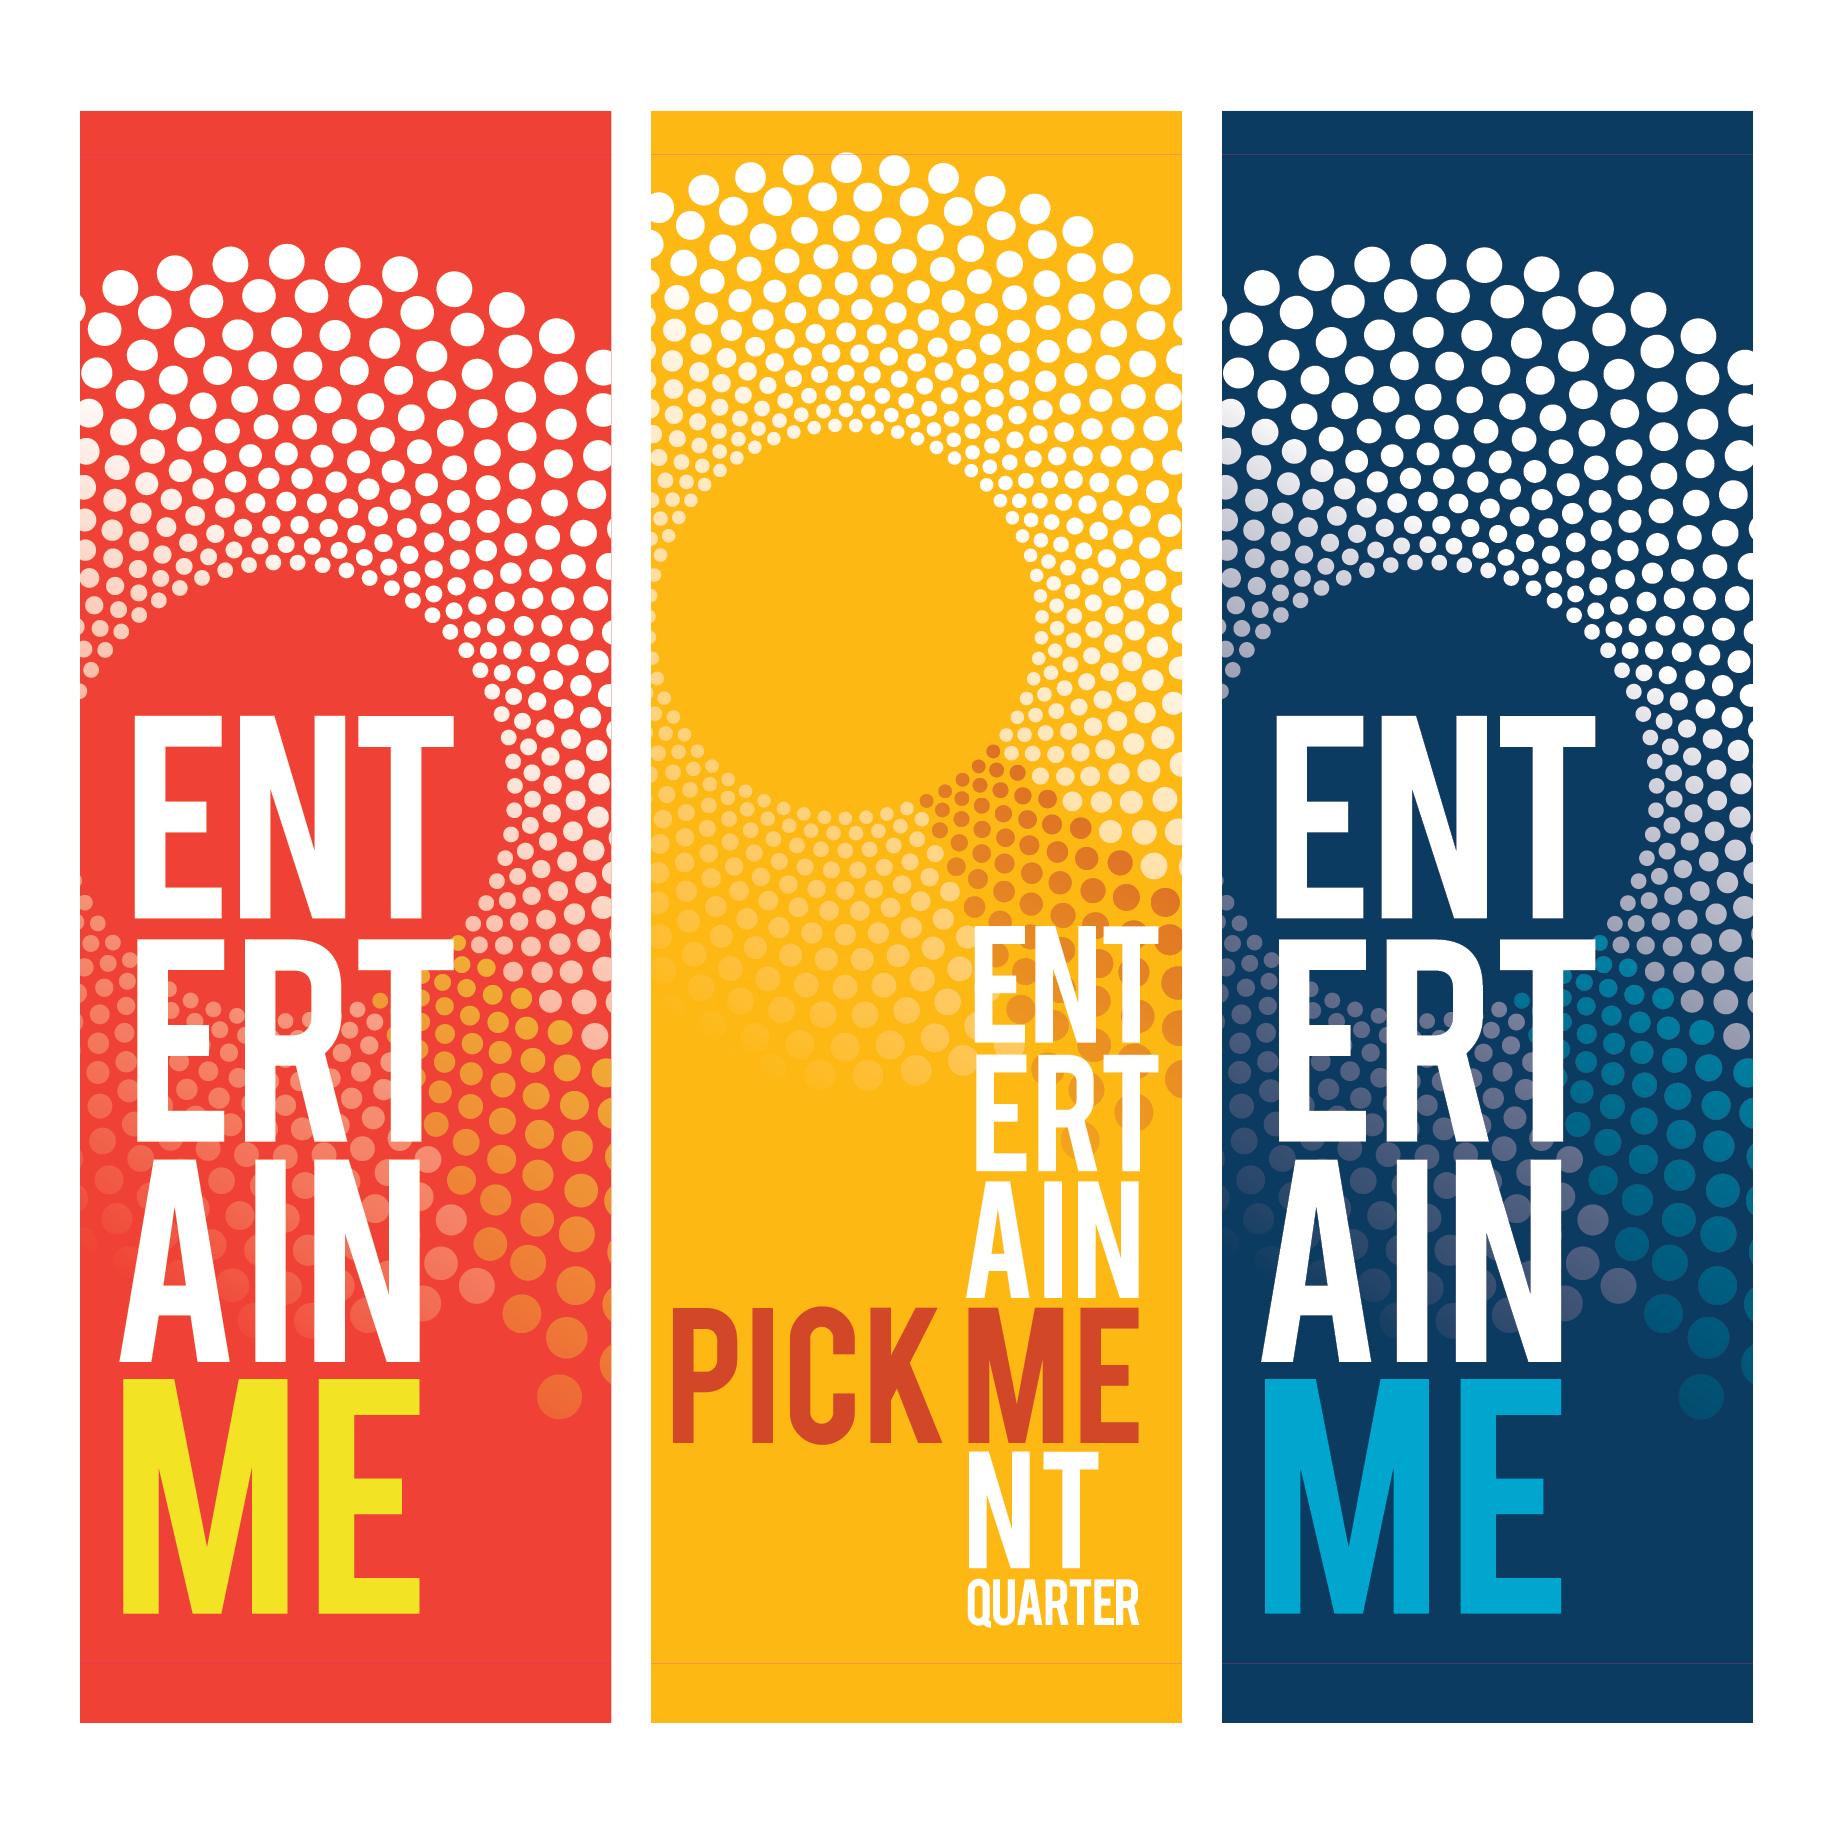 entertainme signage